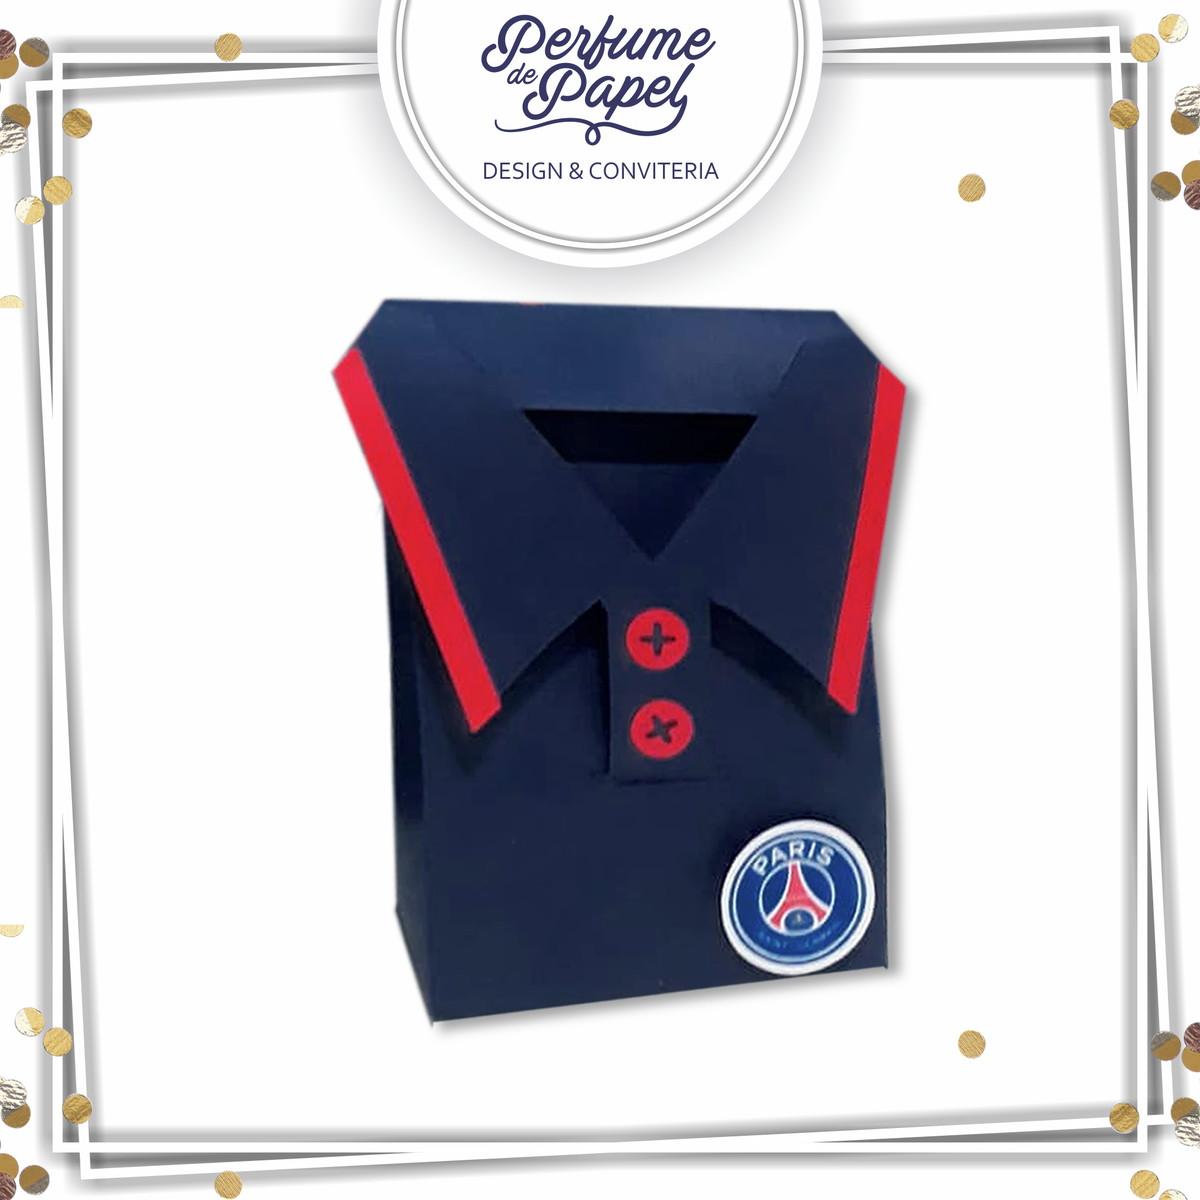 f2e83d5b7d Caixa Camisa Paris Saint-Germain no Elo7 | Perfume de Papel (D58171)